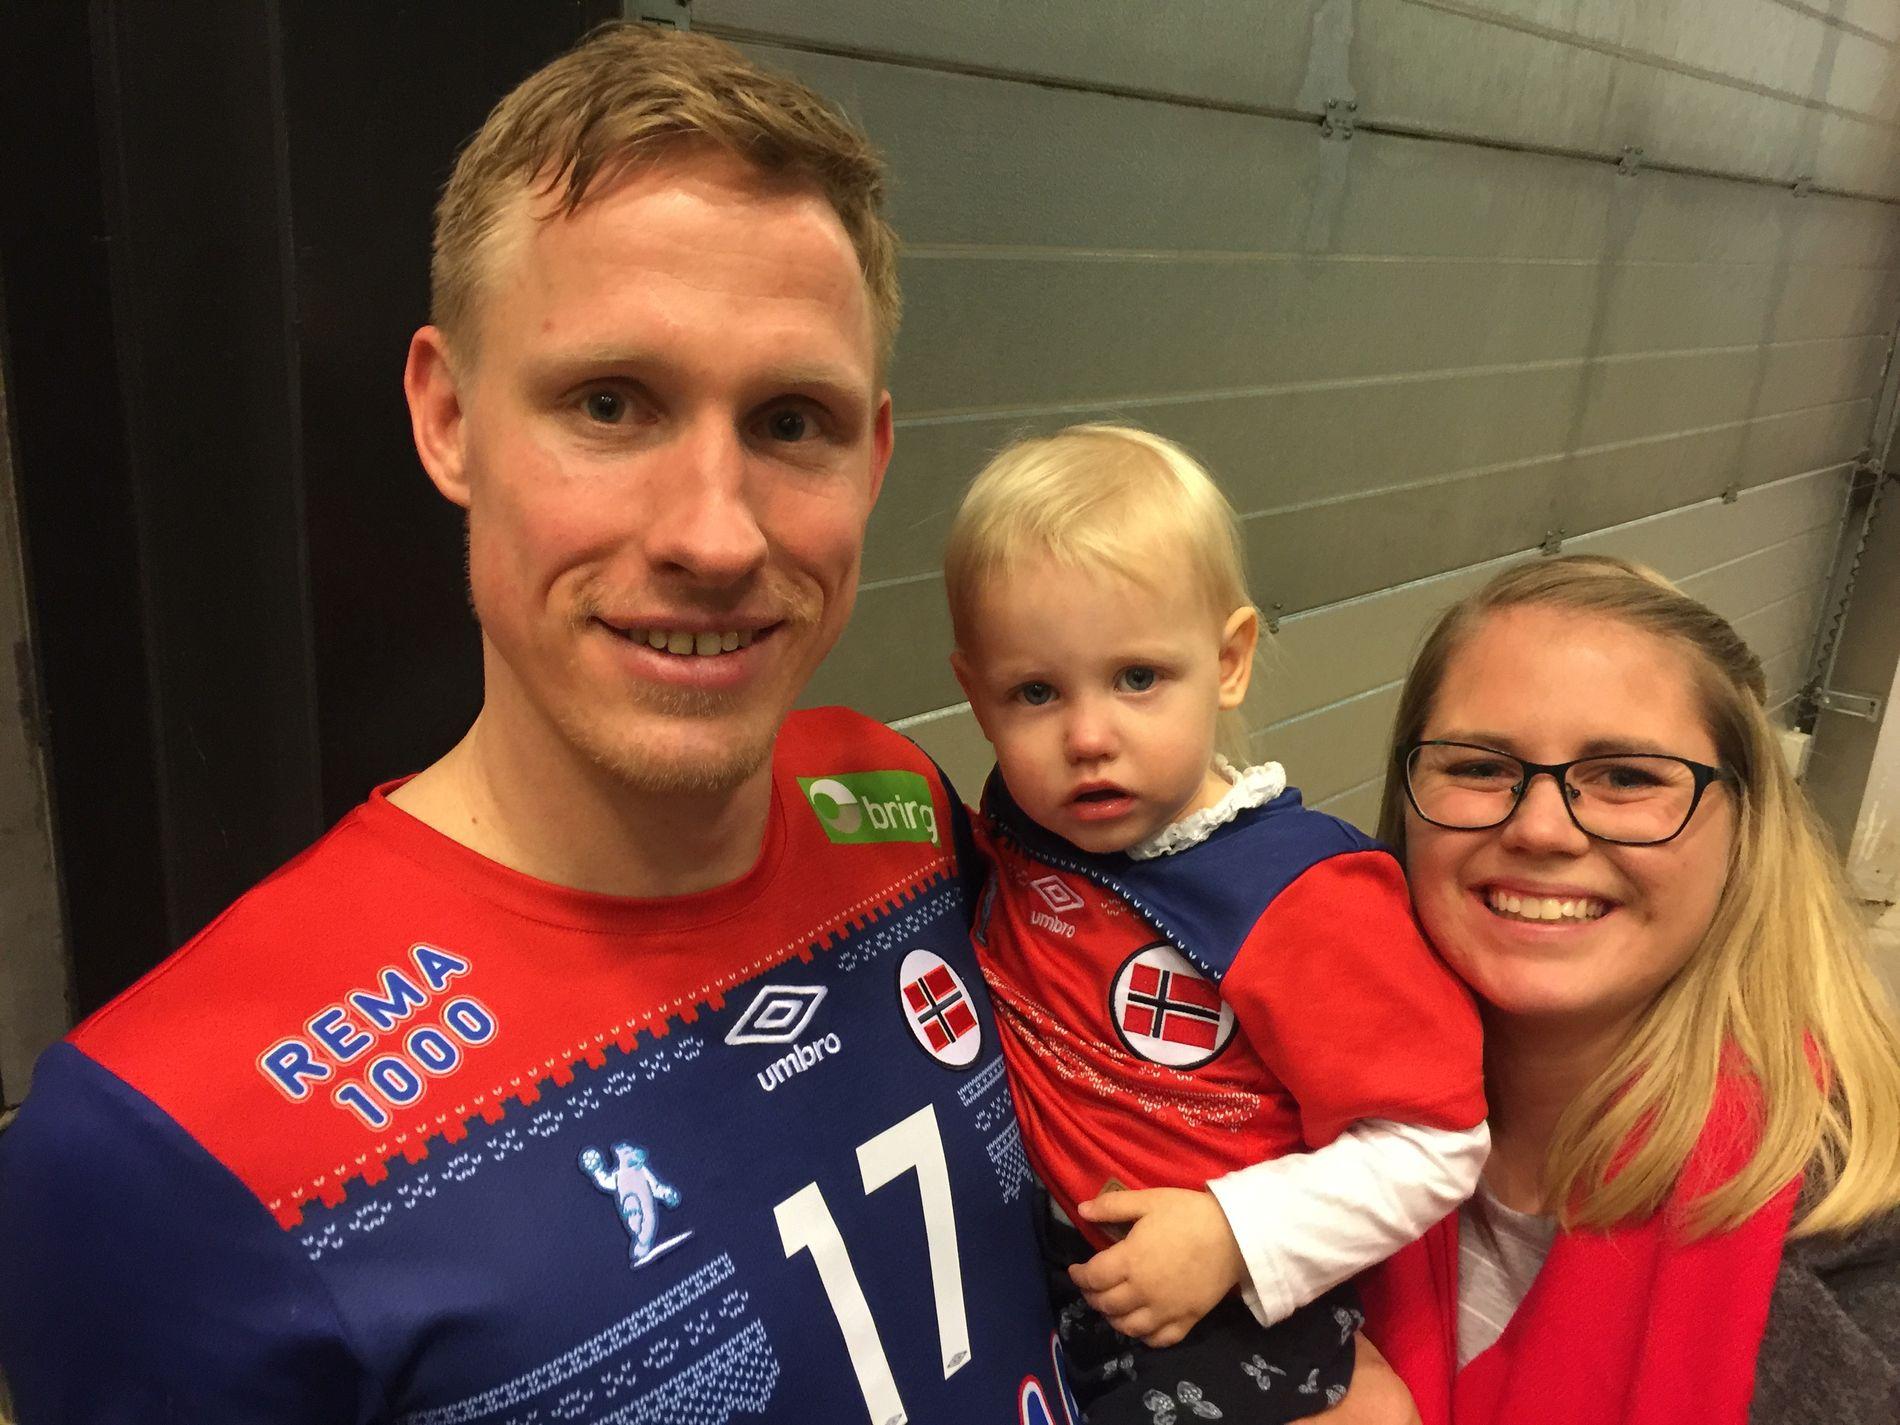 HEIER PÅ PAPPA: Magnus Jøndal storspiller i VM. Da er det hyggelig å ha med kona Emilie og deres snart to år gamle Sofie.